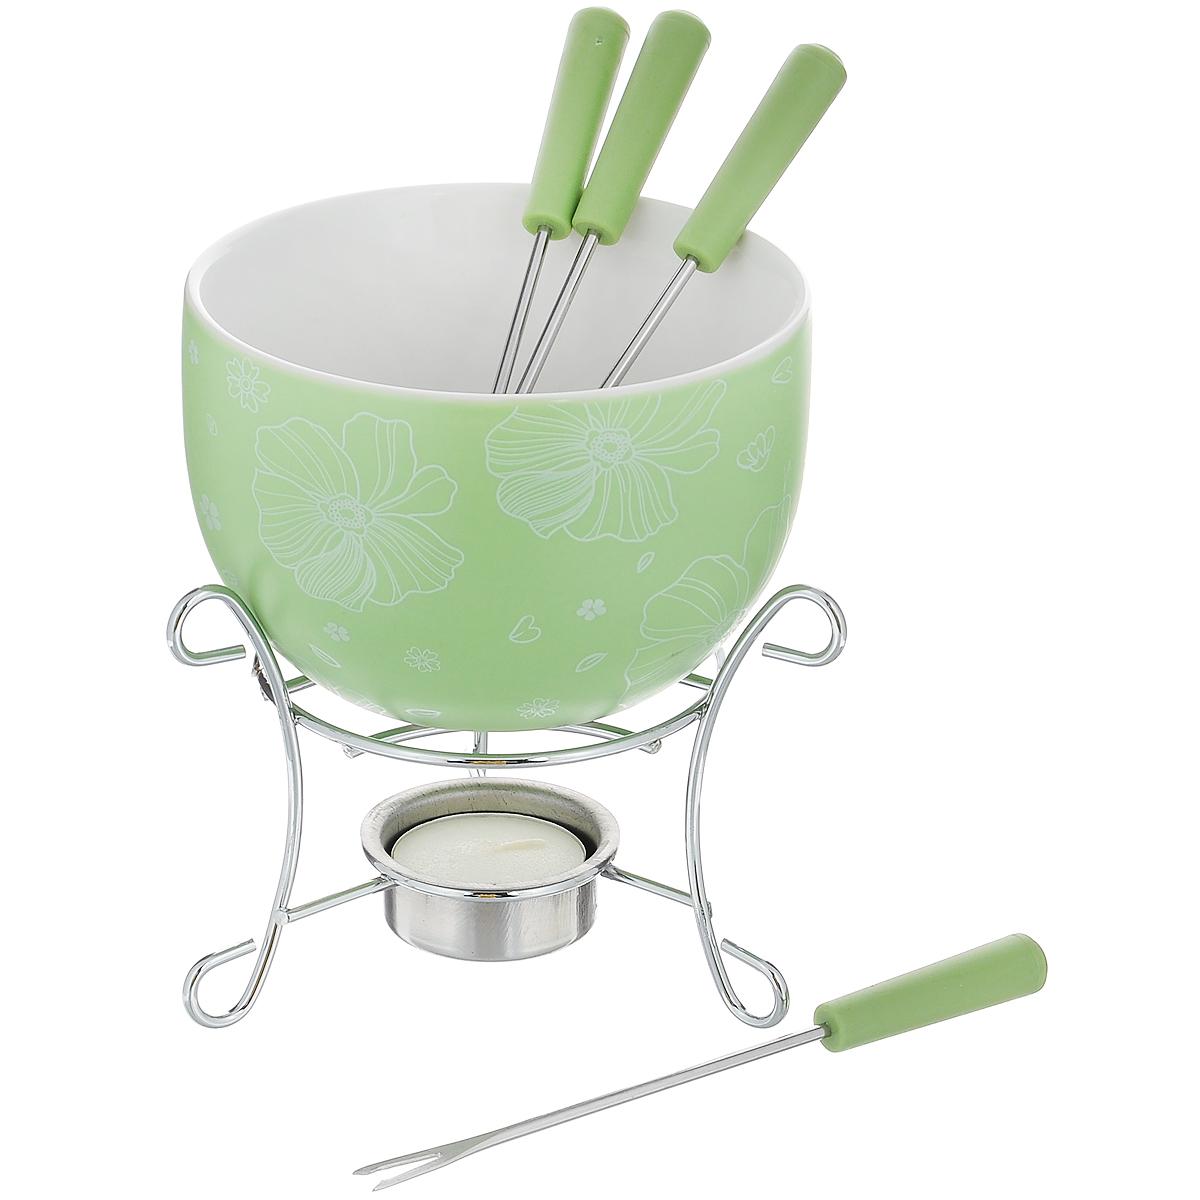 Набор для фондю Fissman Mini, цвет: зеленый, 8 предметовFD-6.307.6Набор для фондю Fissman Mini состоит из чаши, подставки с подсвечником и 4 вилочек. Чаша изготовлена из глазурованной керамики и декорирована цветочным рисунком. В центре подставки устанавливается свеча-таблетка (входит в комплект), сверху ставится чаша. В наборе имеется 4 вилочки с пластиковыми ручками. В чашечке растапливается шоколад, на вилочки насаживается зефир или фрукты - и вот нехитрый, но очень привлекательный способ украсить вечер в компании самых дорогих и любимых. Диаметр чаши (по верхнему краю): 11,5 см. Высота чаши: 7 см. Высота подставки: 8,5 см. Диаметр отверстия для свечи: 4 см. Длина вилочки: 15 см.